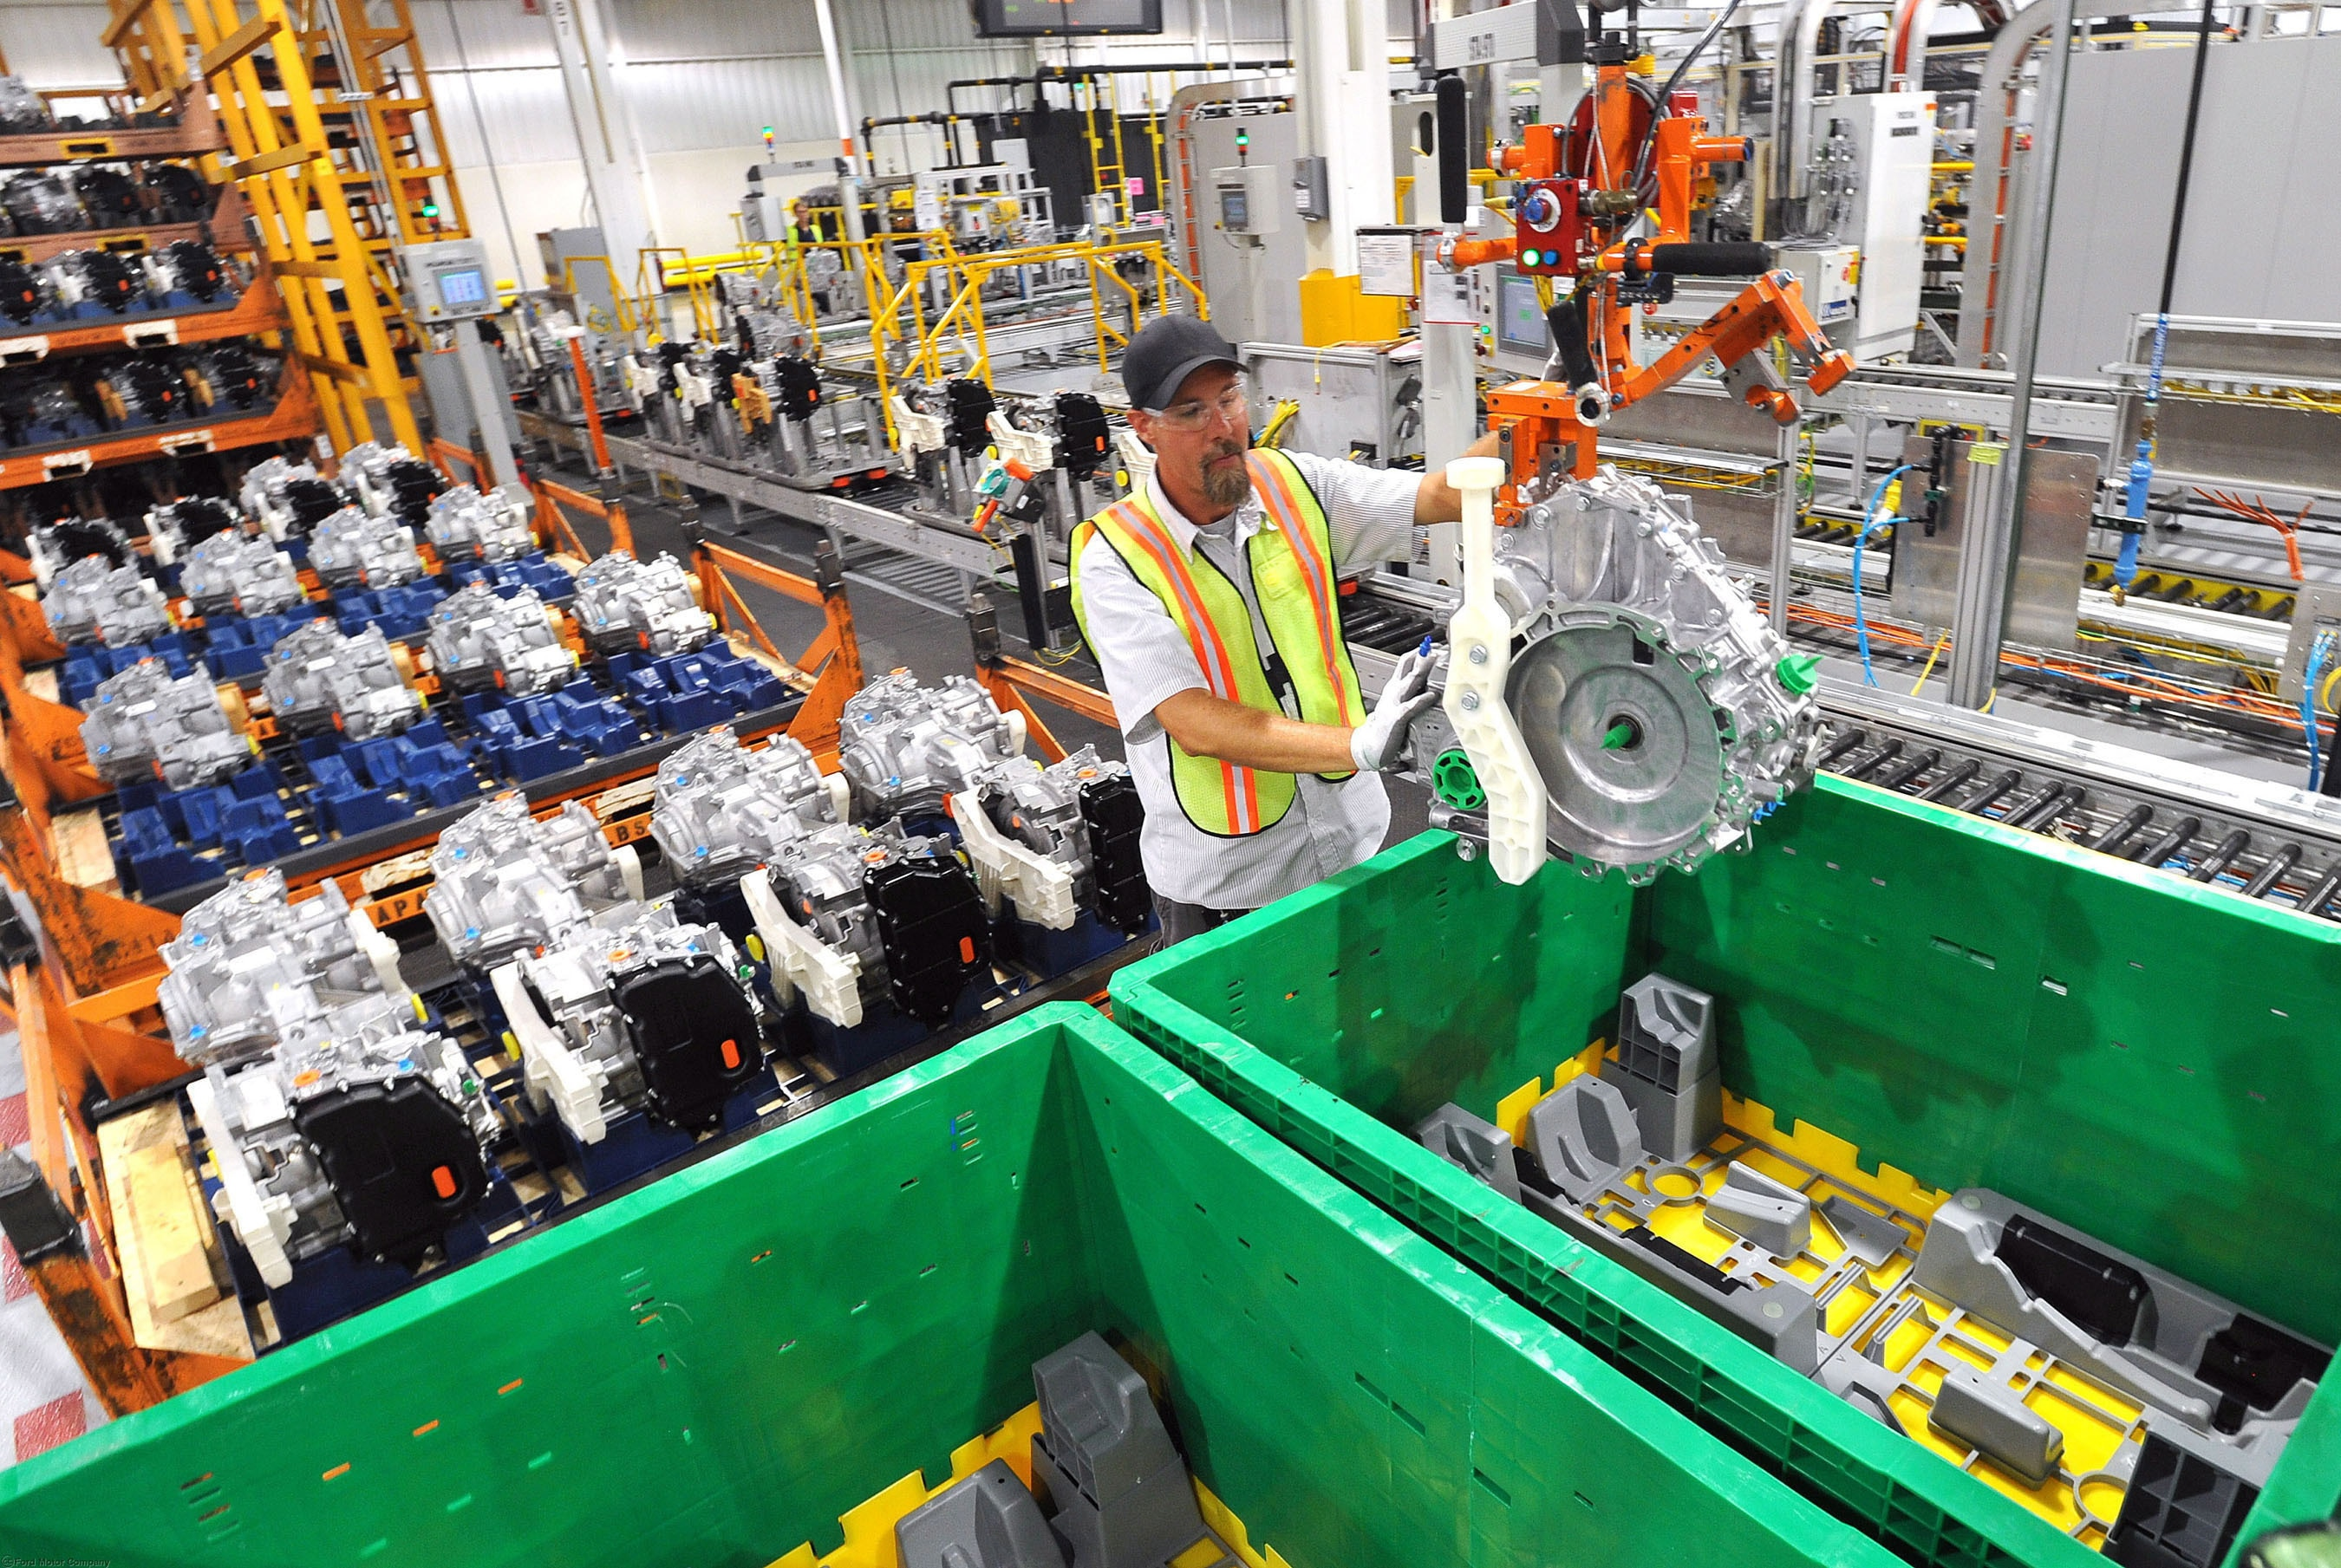 کارگران یک کارخانه خودروسازی، در خط مونتاژ موتور کار می کنند (عکس از آسوشیتدپرس)